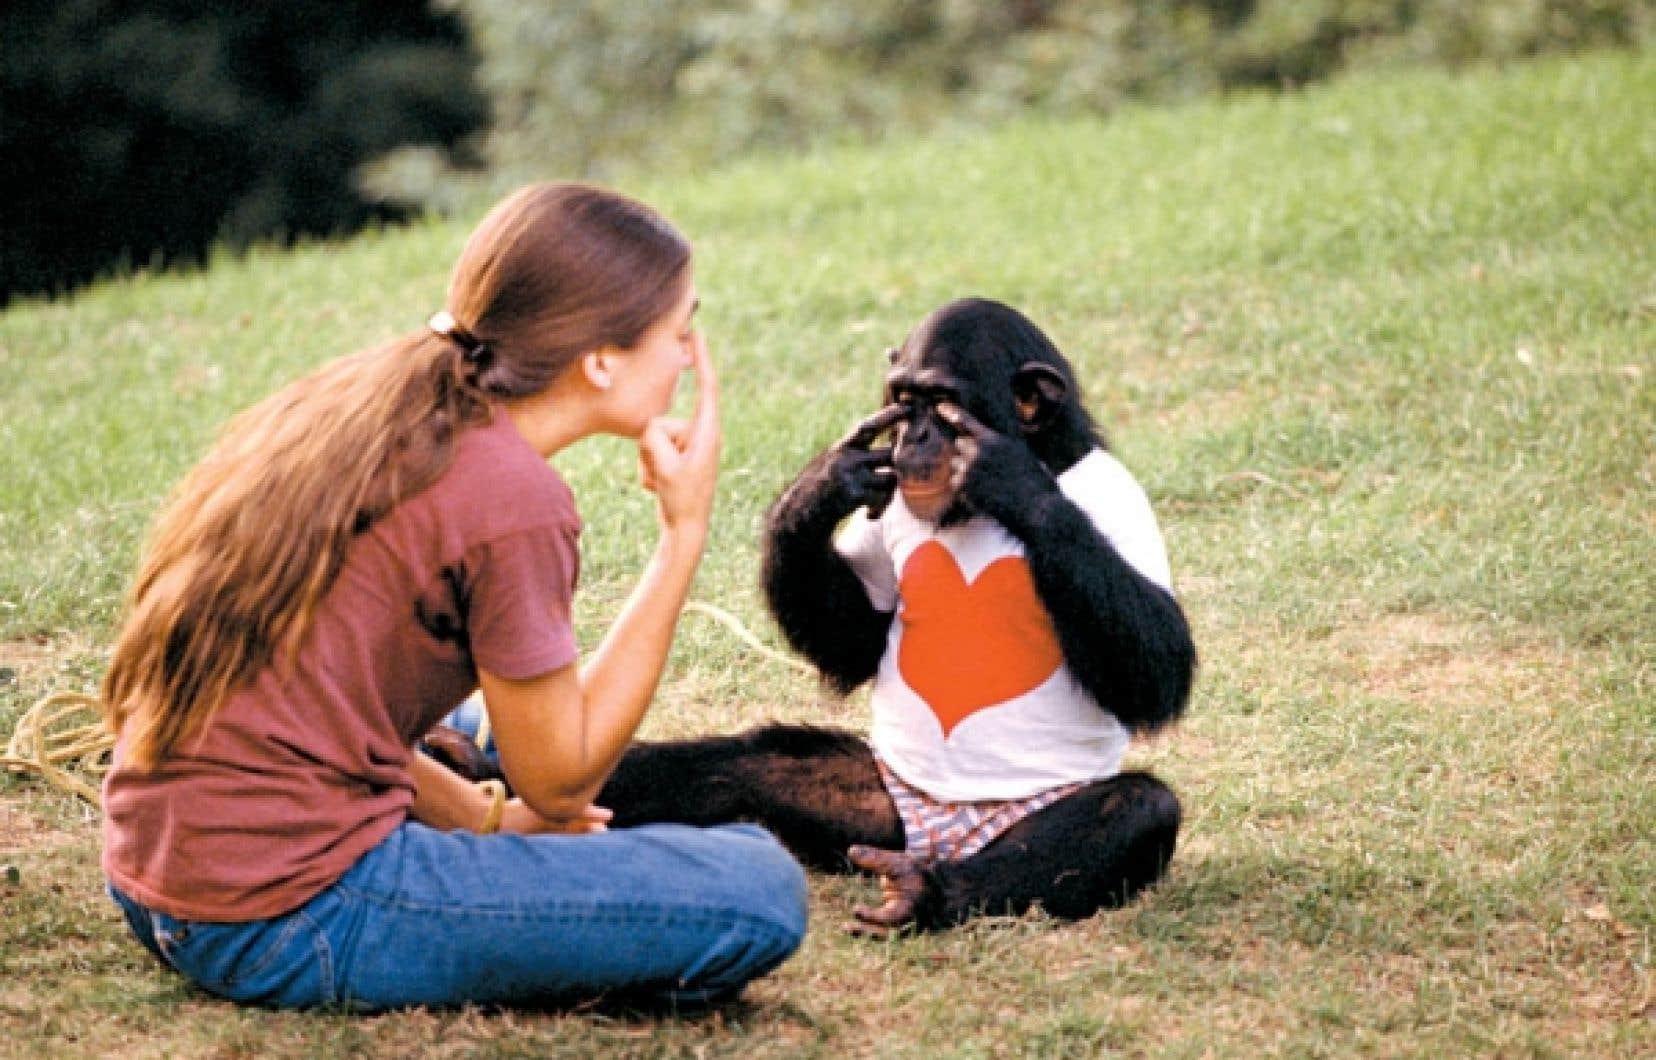 Nim est un chimpanzé élevé comme un humain et à qui on a appris le langage des signes.